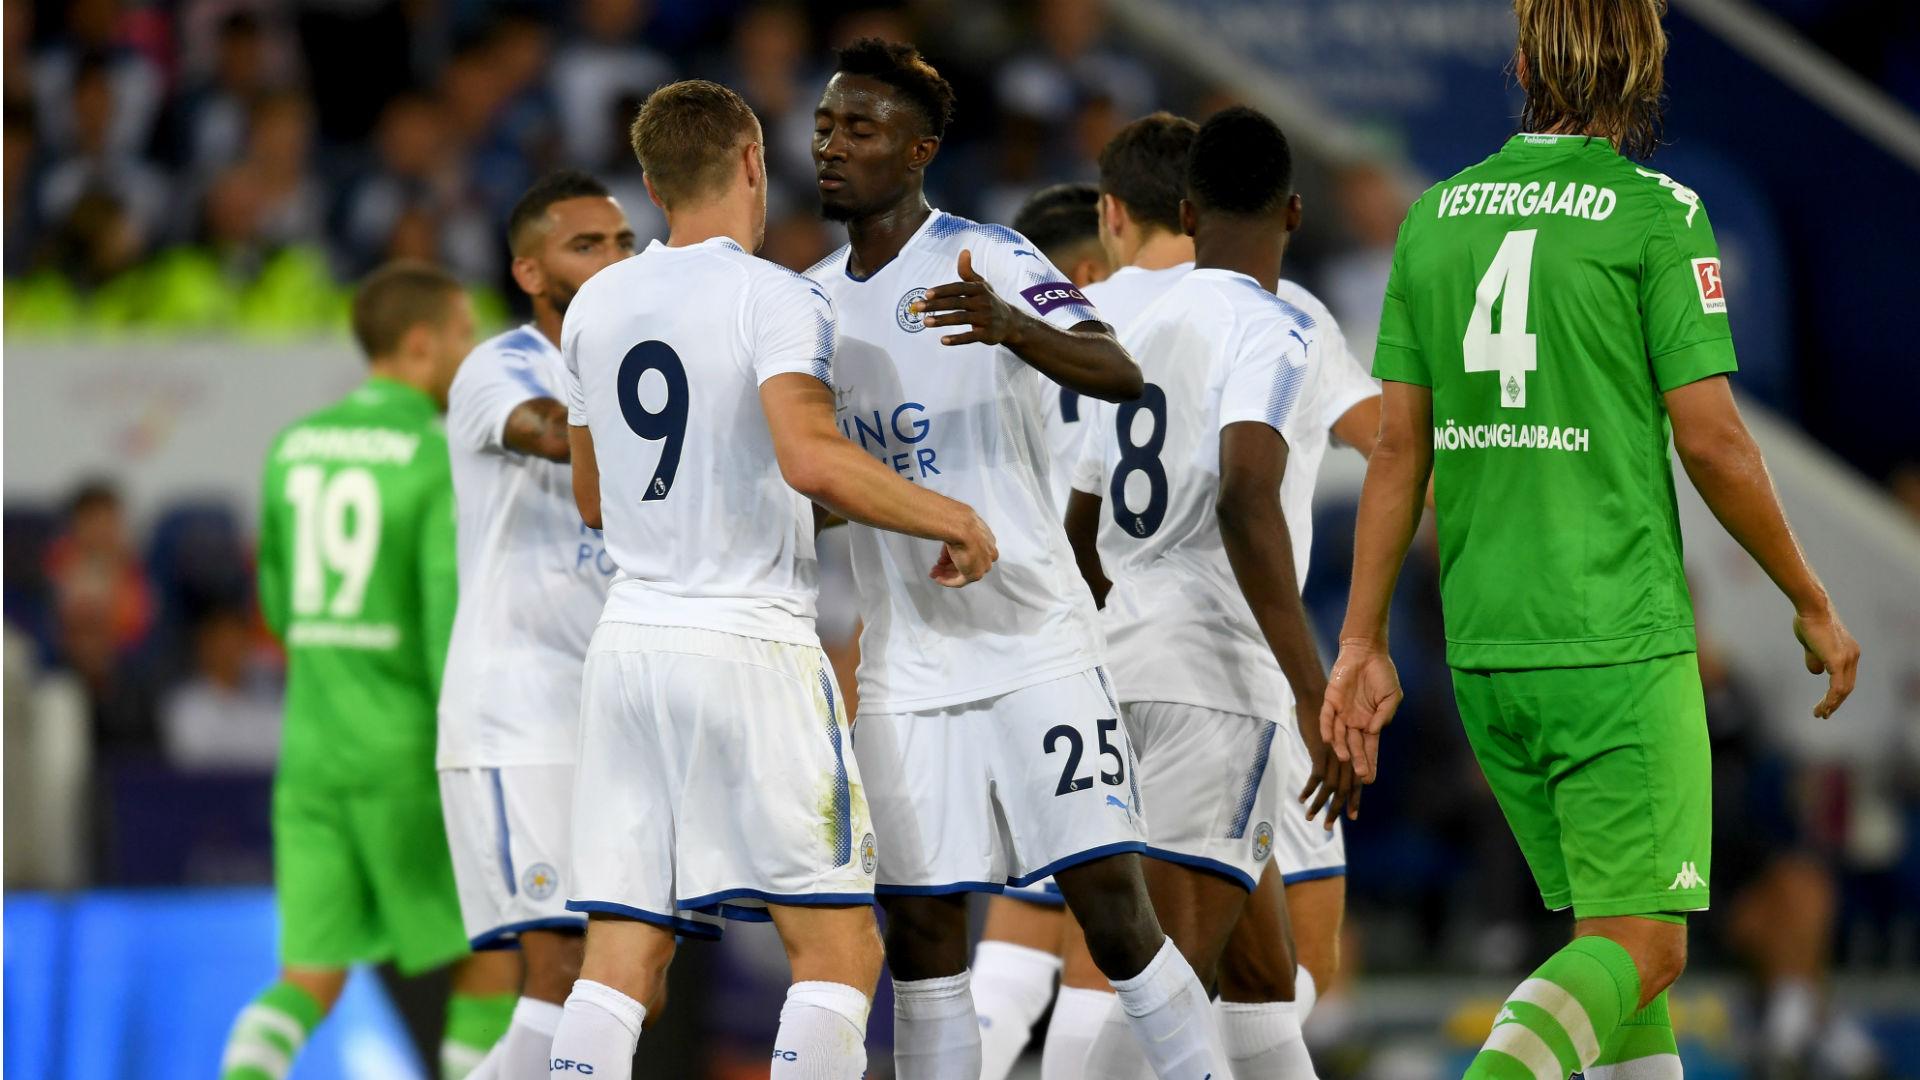 Leicester City Borussia Monchengladbach